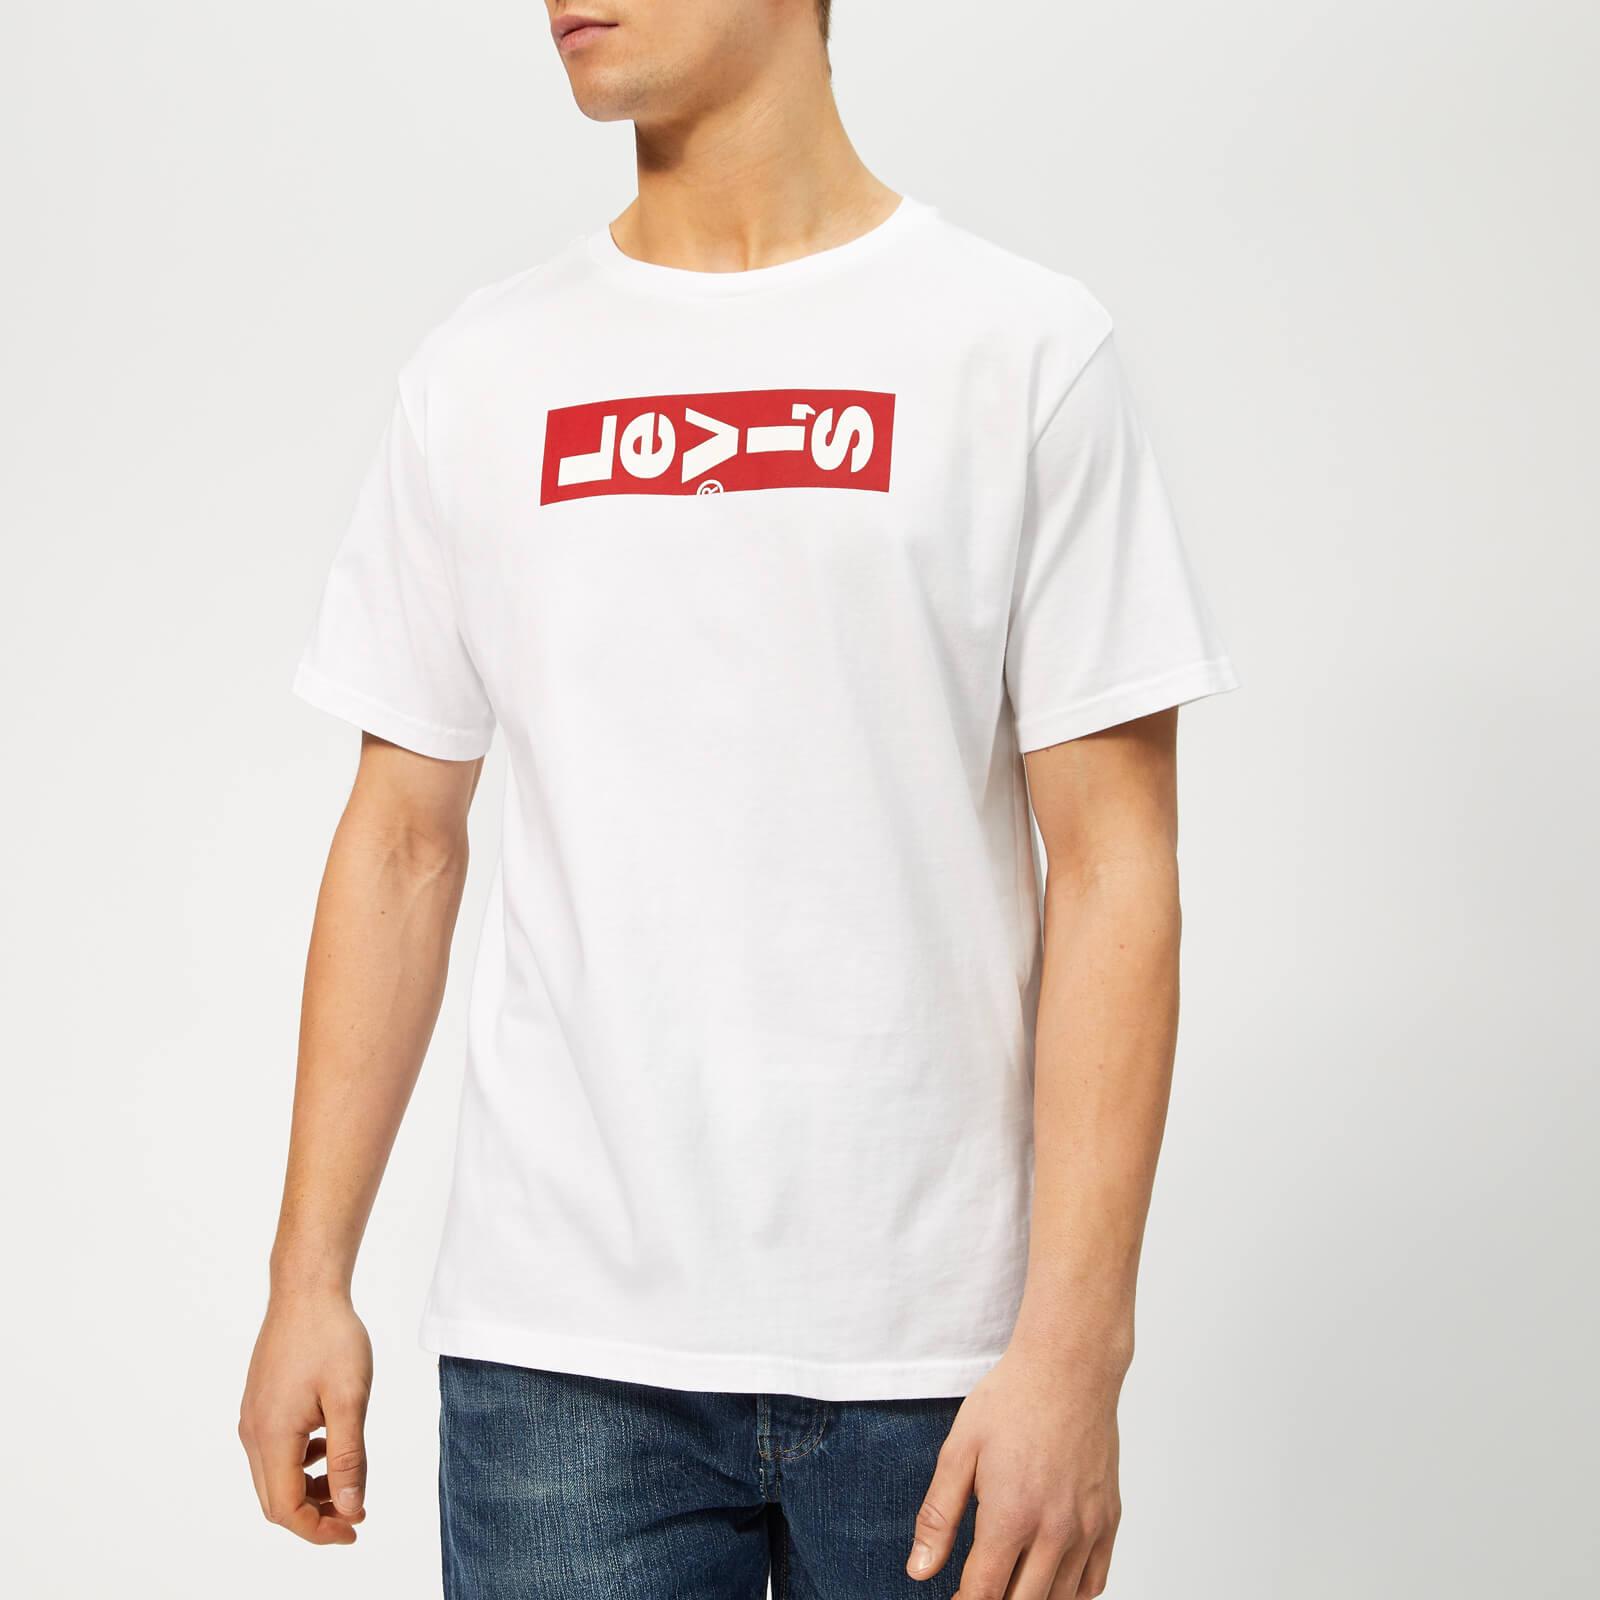 30553c217575 Levi's Men's Oversized Lazy Graphic T-Shirt - White Clothing | TheHut.com